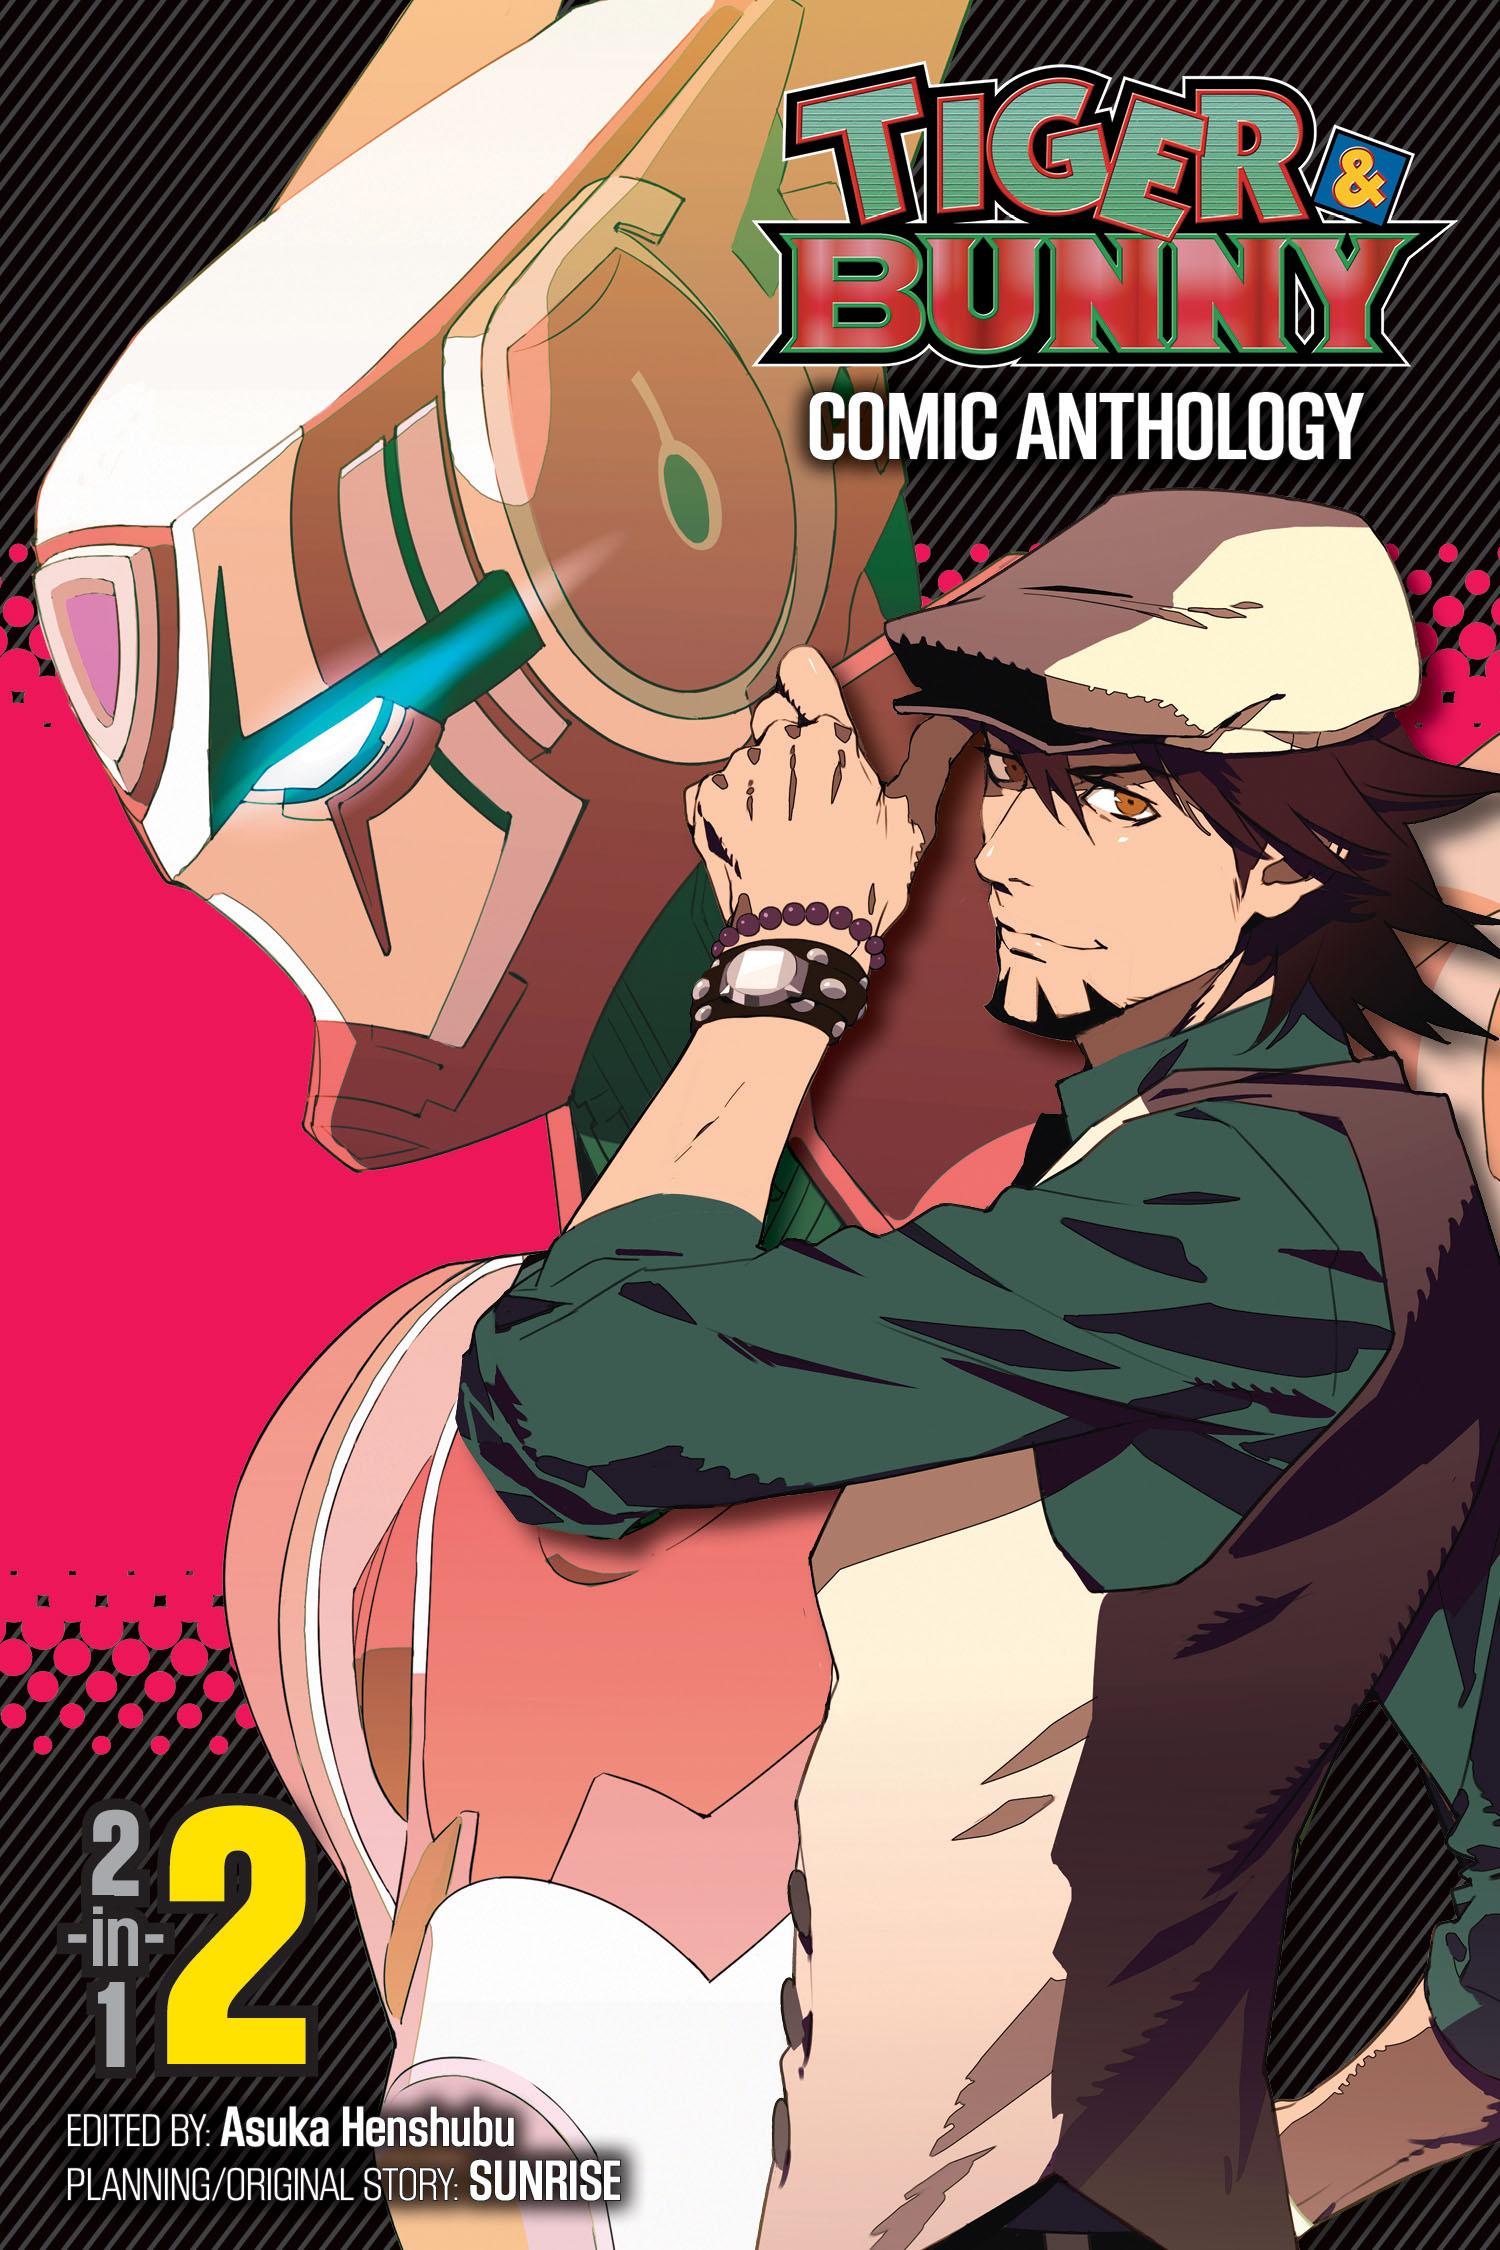 Tiger bunny comic anthology vol 2 9781421555607 hr